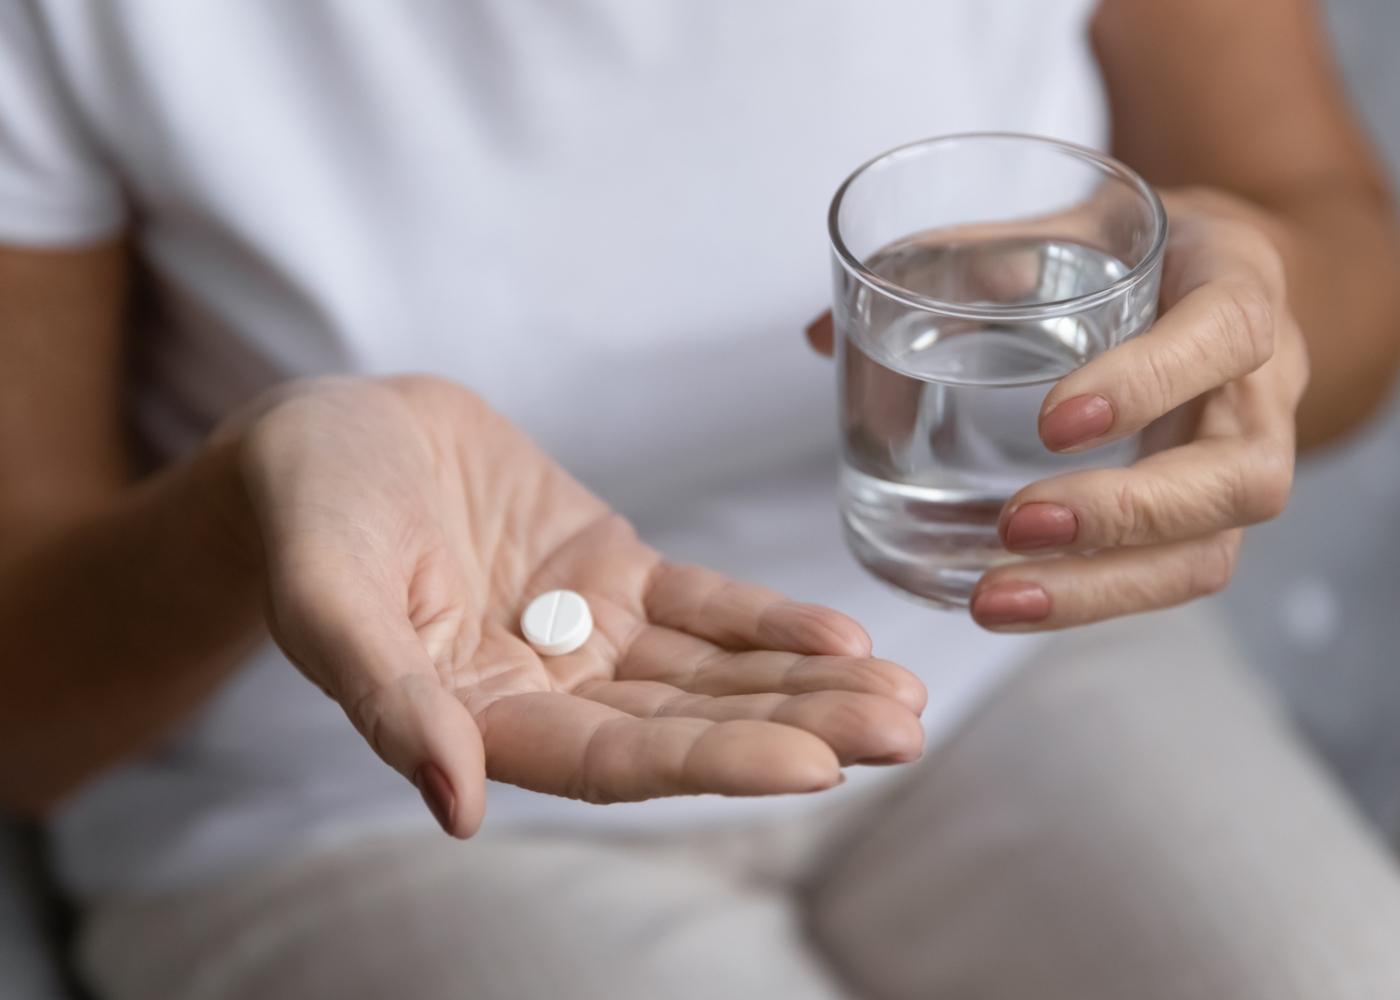 Idosa a tomar medicamentos